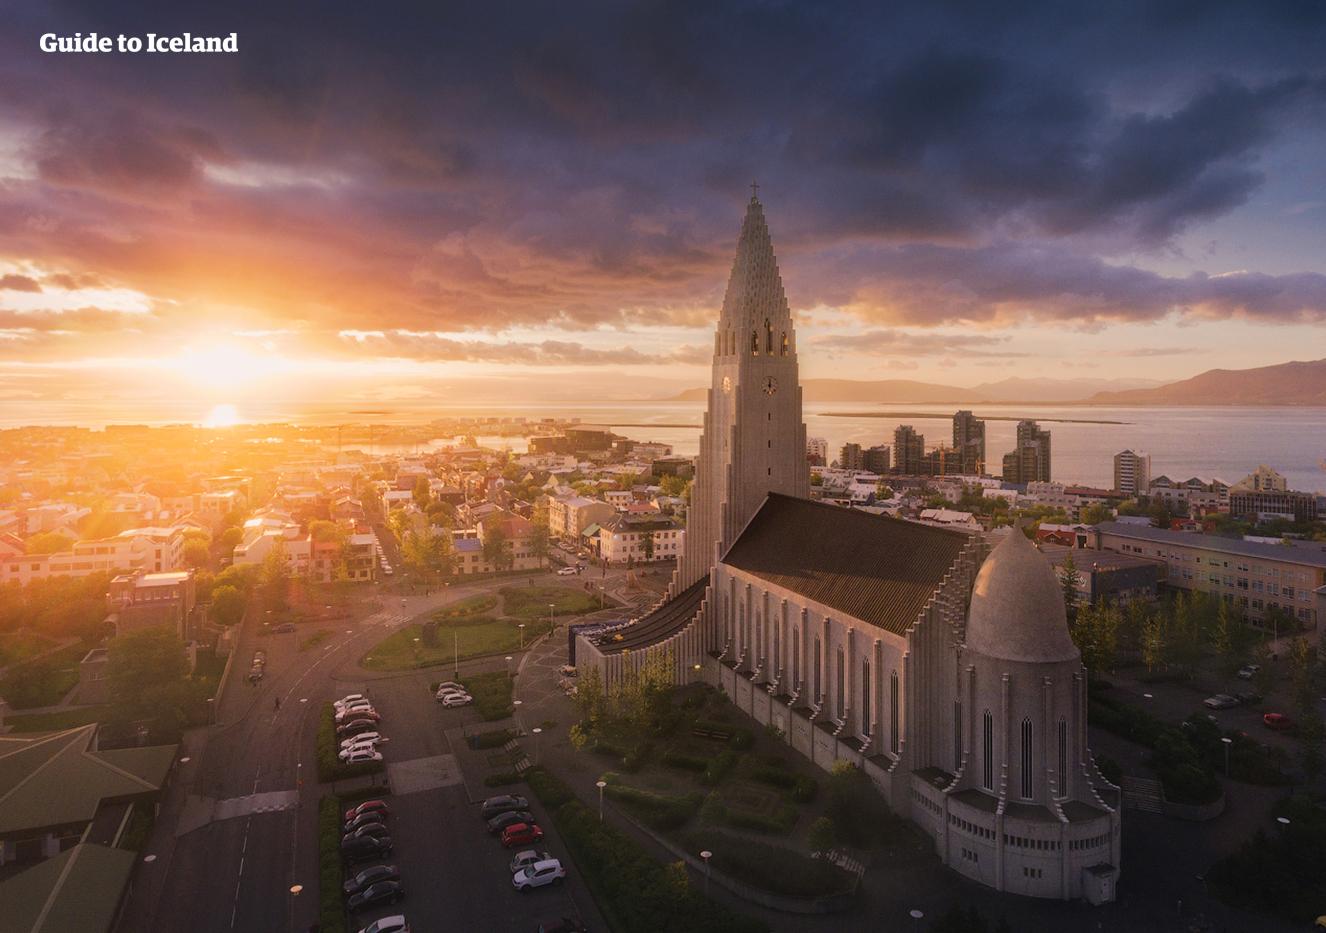 Tintagene på Islands huse har ene forskellige farver, hvilket giver nogle smukke udsigter fra et tilpas højt udsigtspunkt om sommeren.